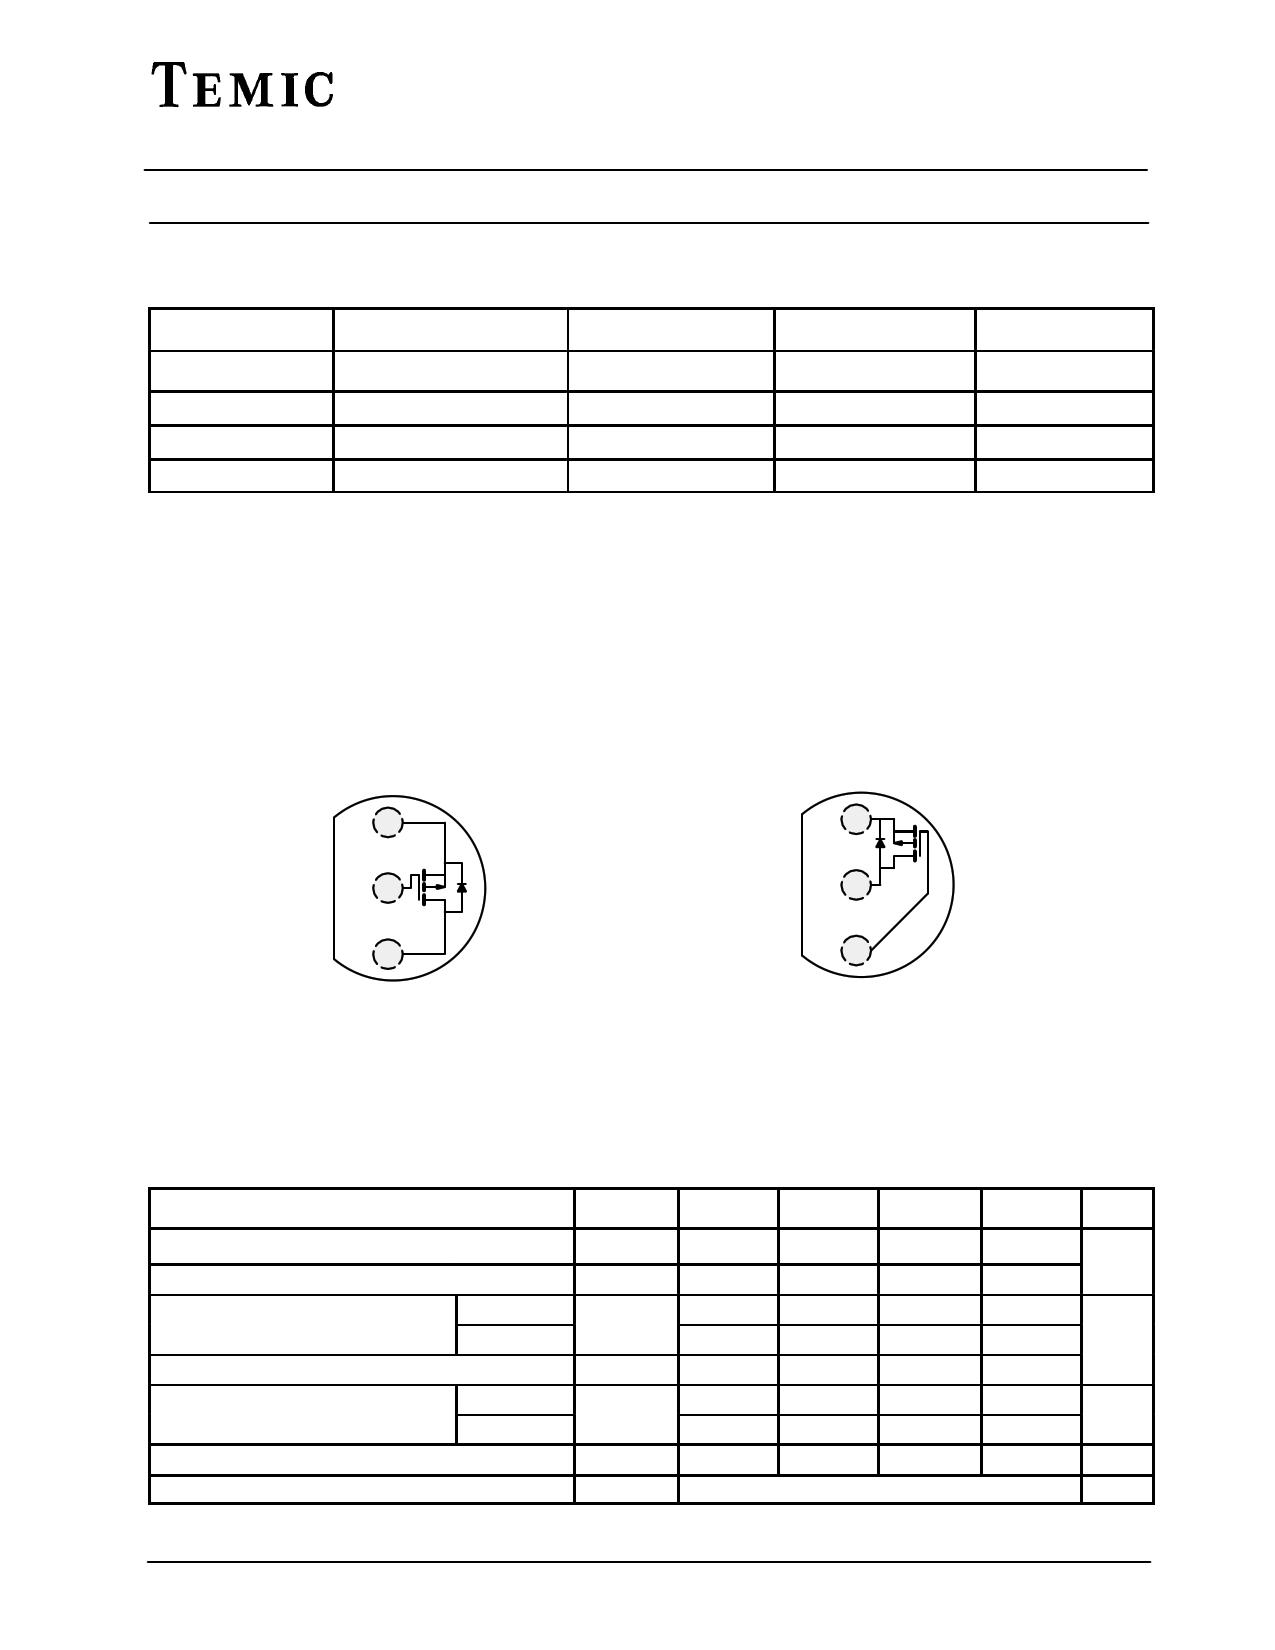 Bss92 datasheet